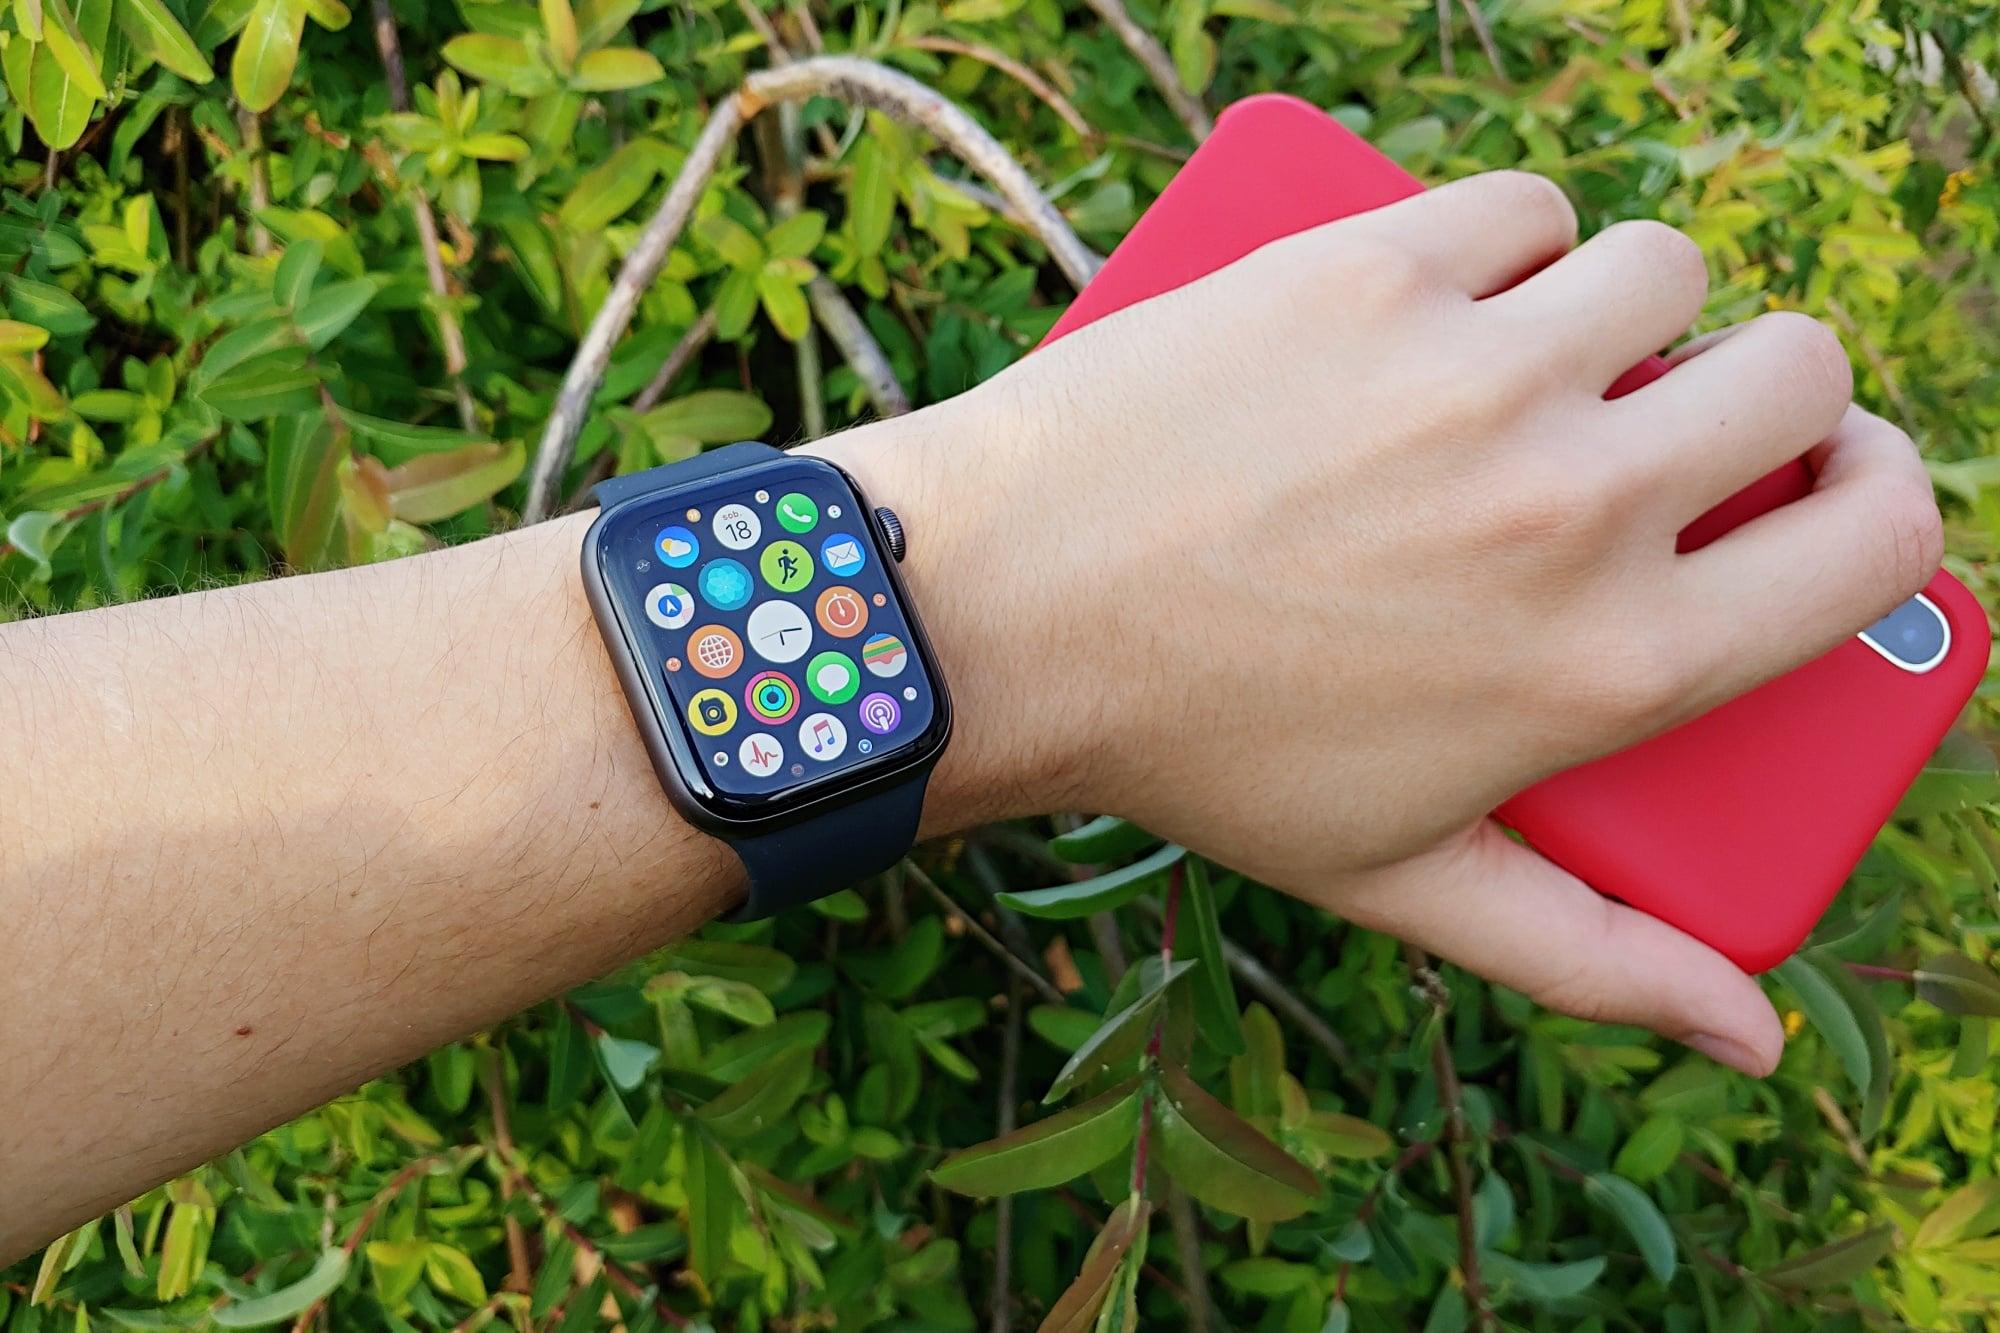 Apple Watch sprzedaje się coraz lepiej. Samsung i Fitbit o takich wynikach mogą tylko pomarzyć 26